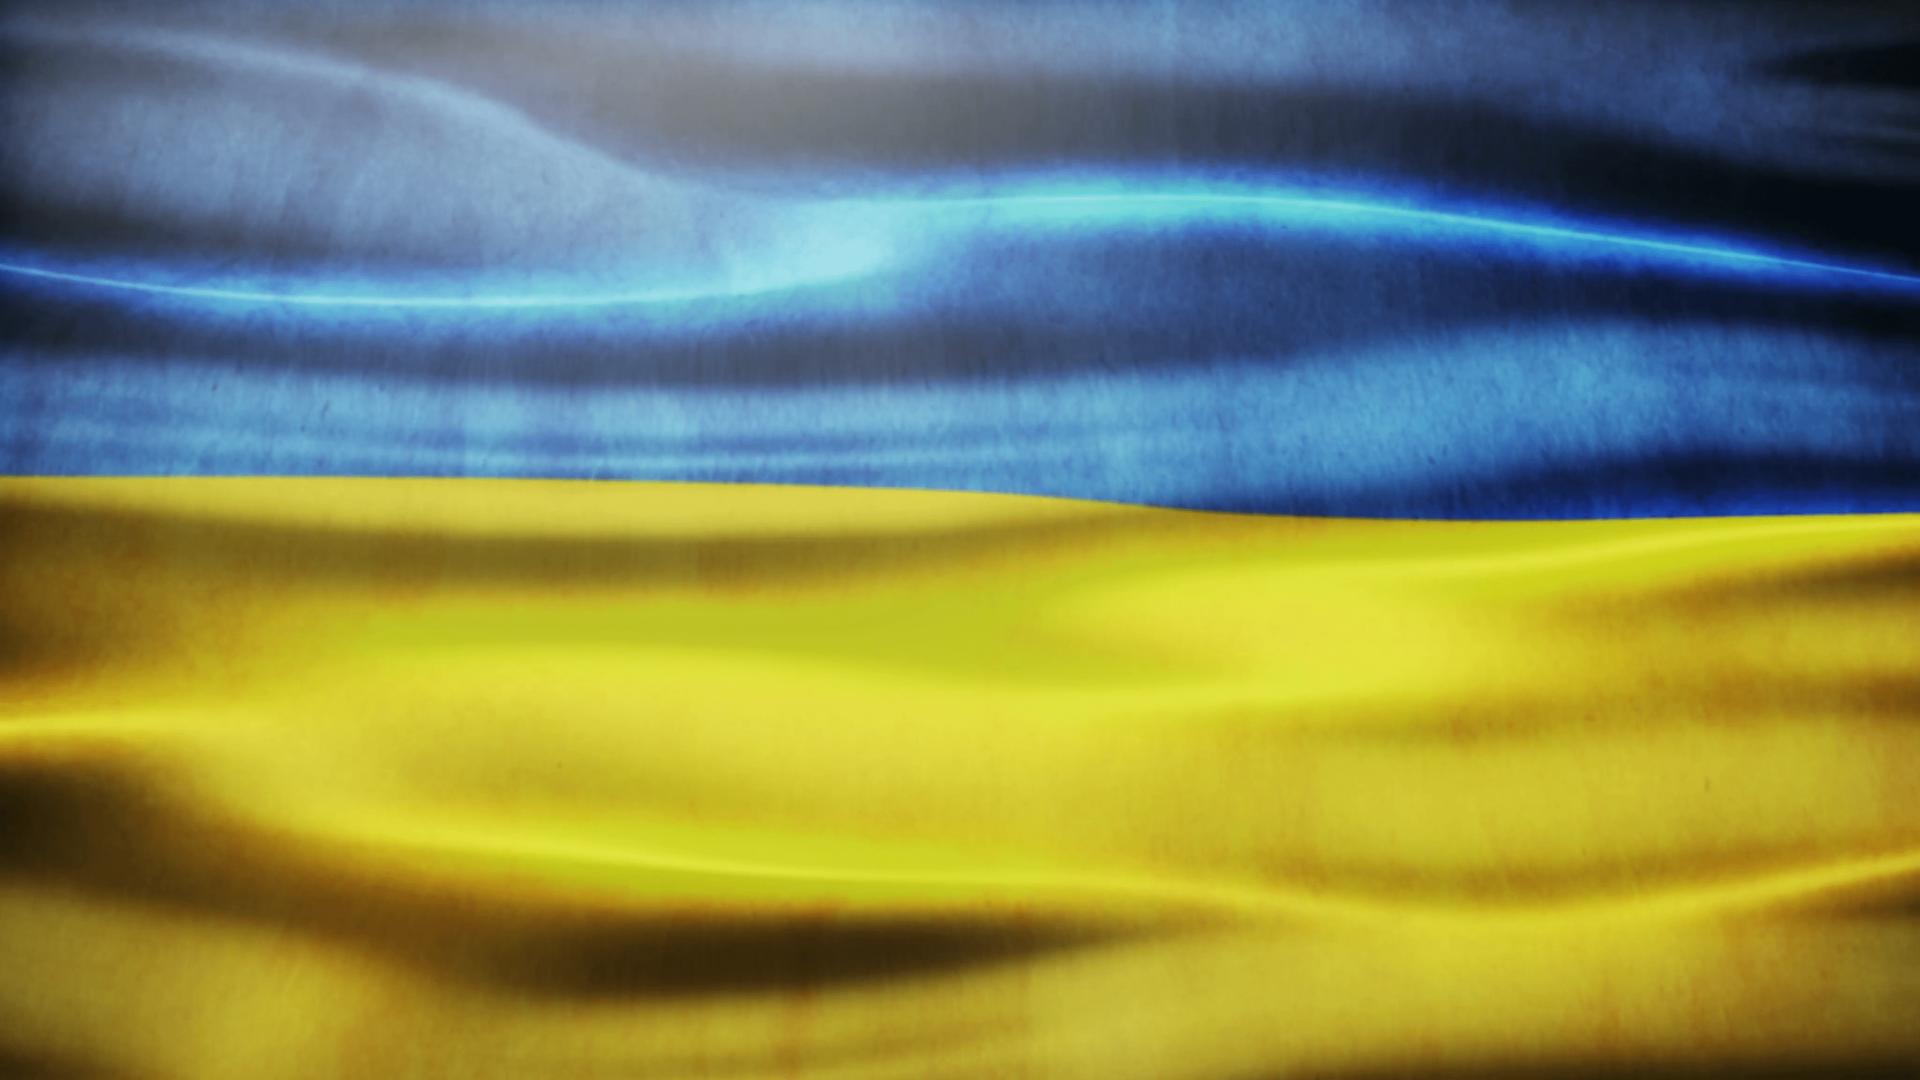 Ucraina, una dintre cele mai corupte state din Europa